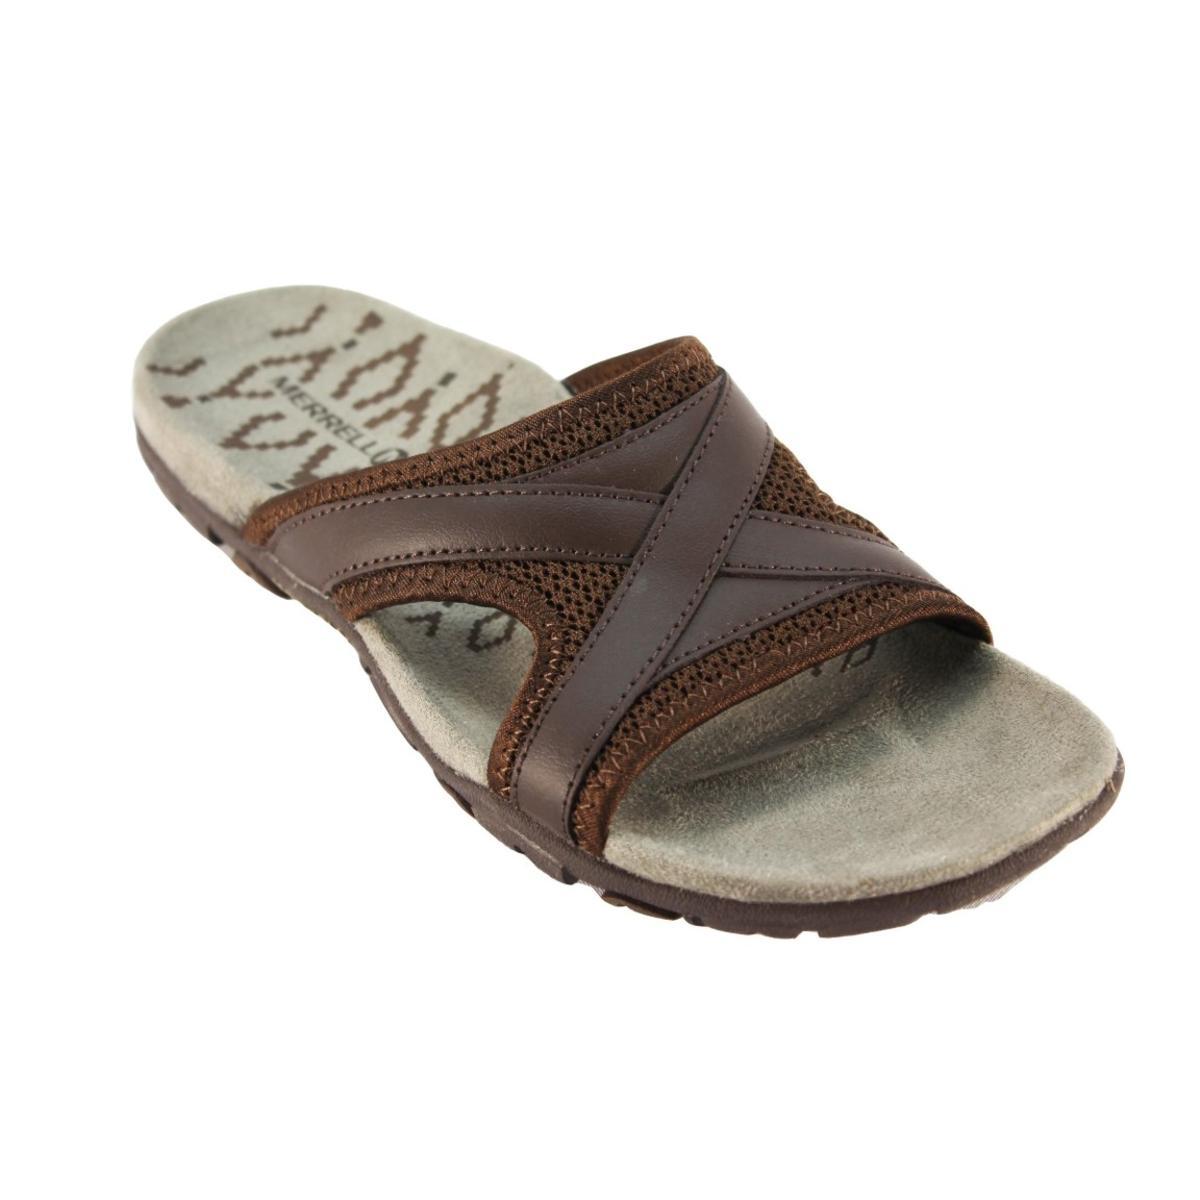 Merrell Sandspur Delta Slide Womens Bracken Sandals